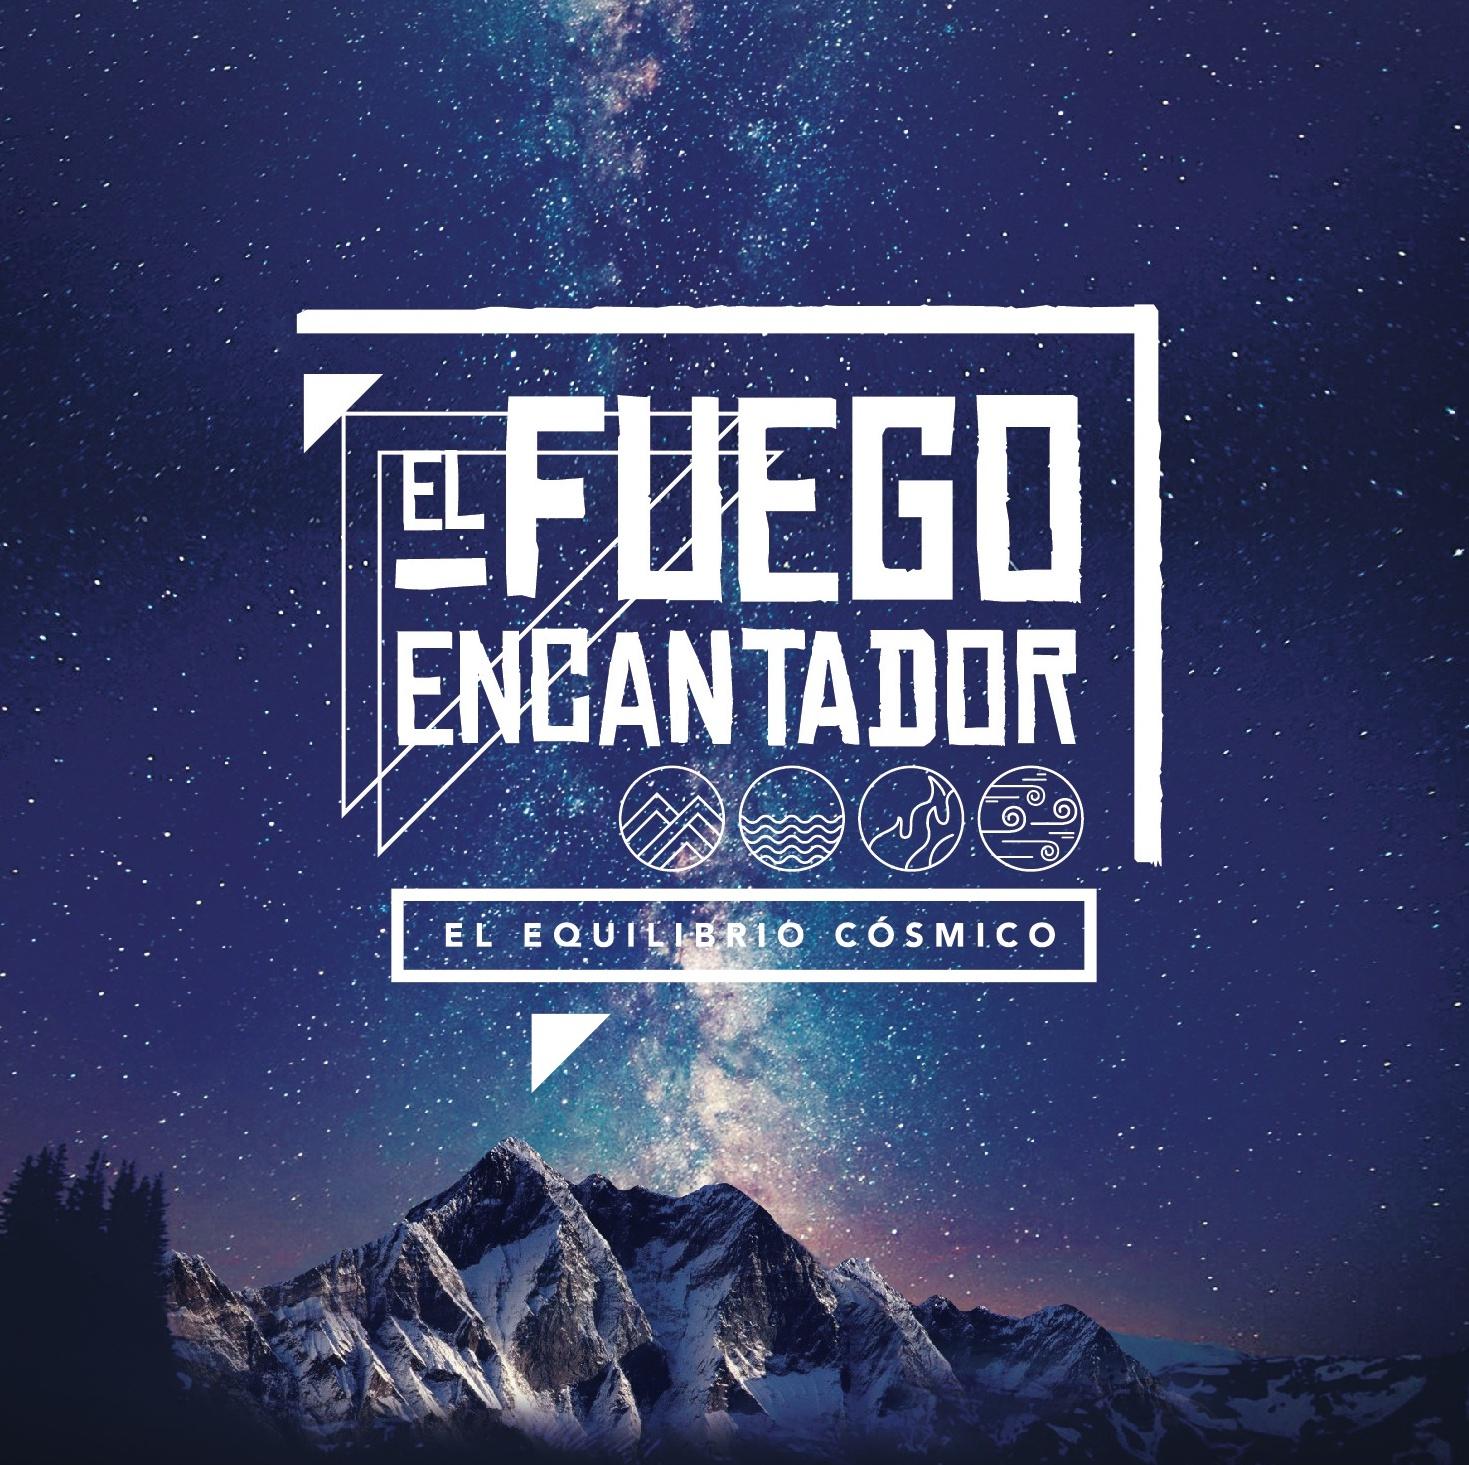 EL EQUILIBRIO CÓSMICO presenta: EL FUEGO ENCANTADOR